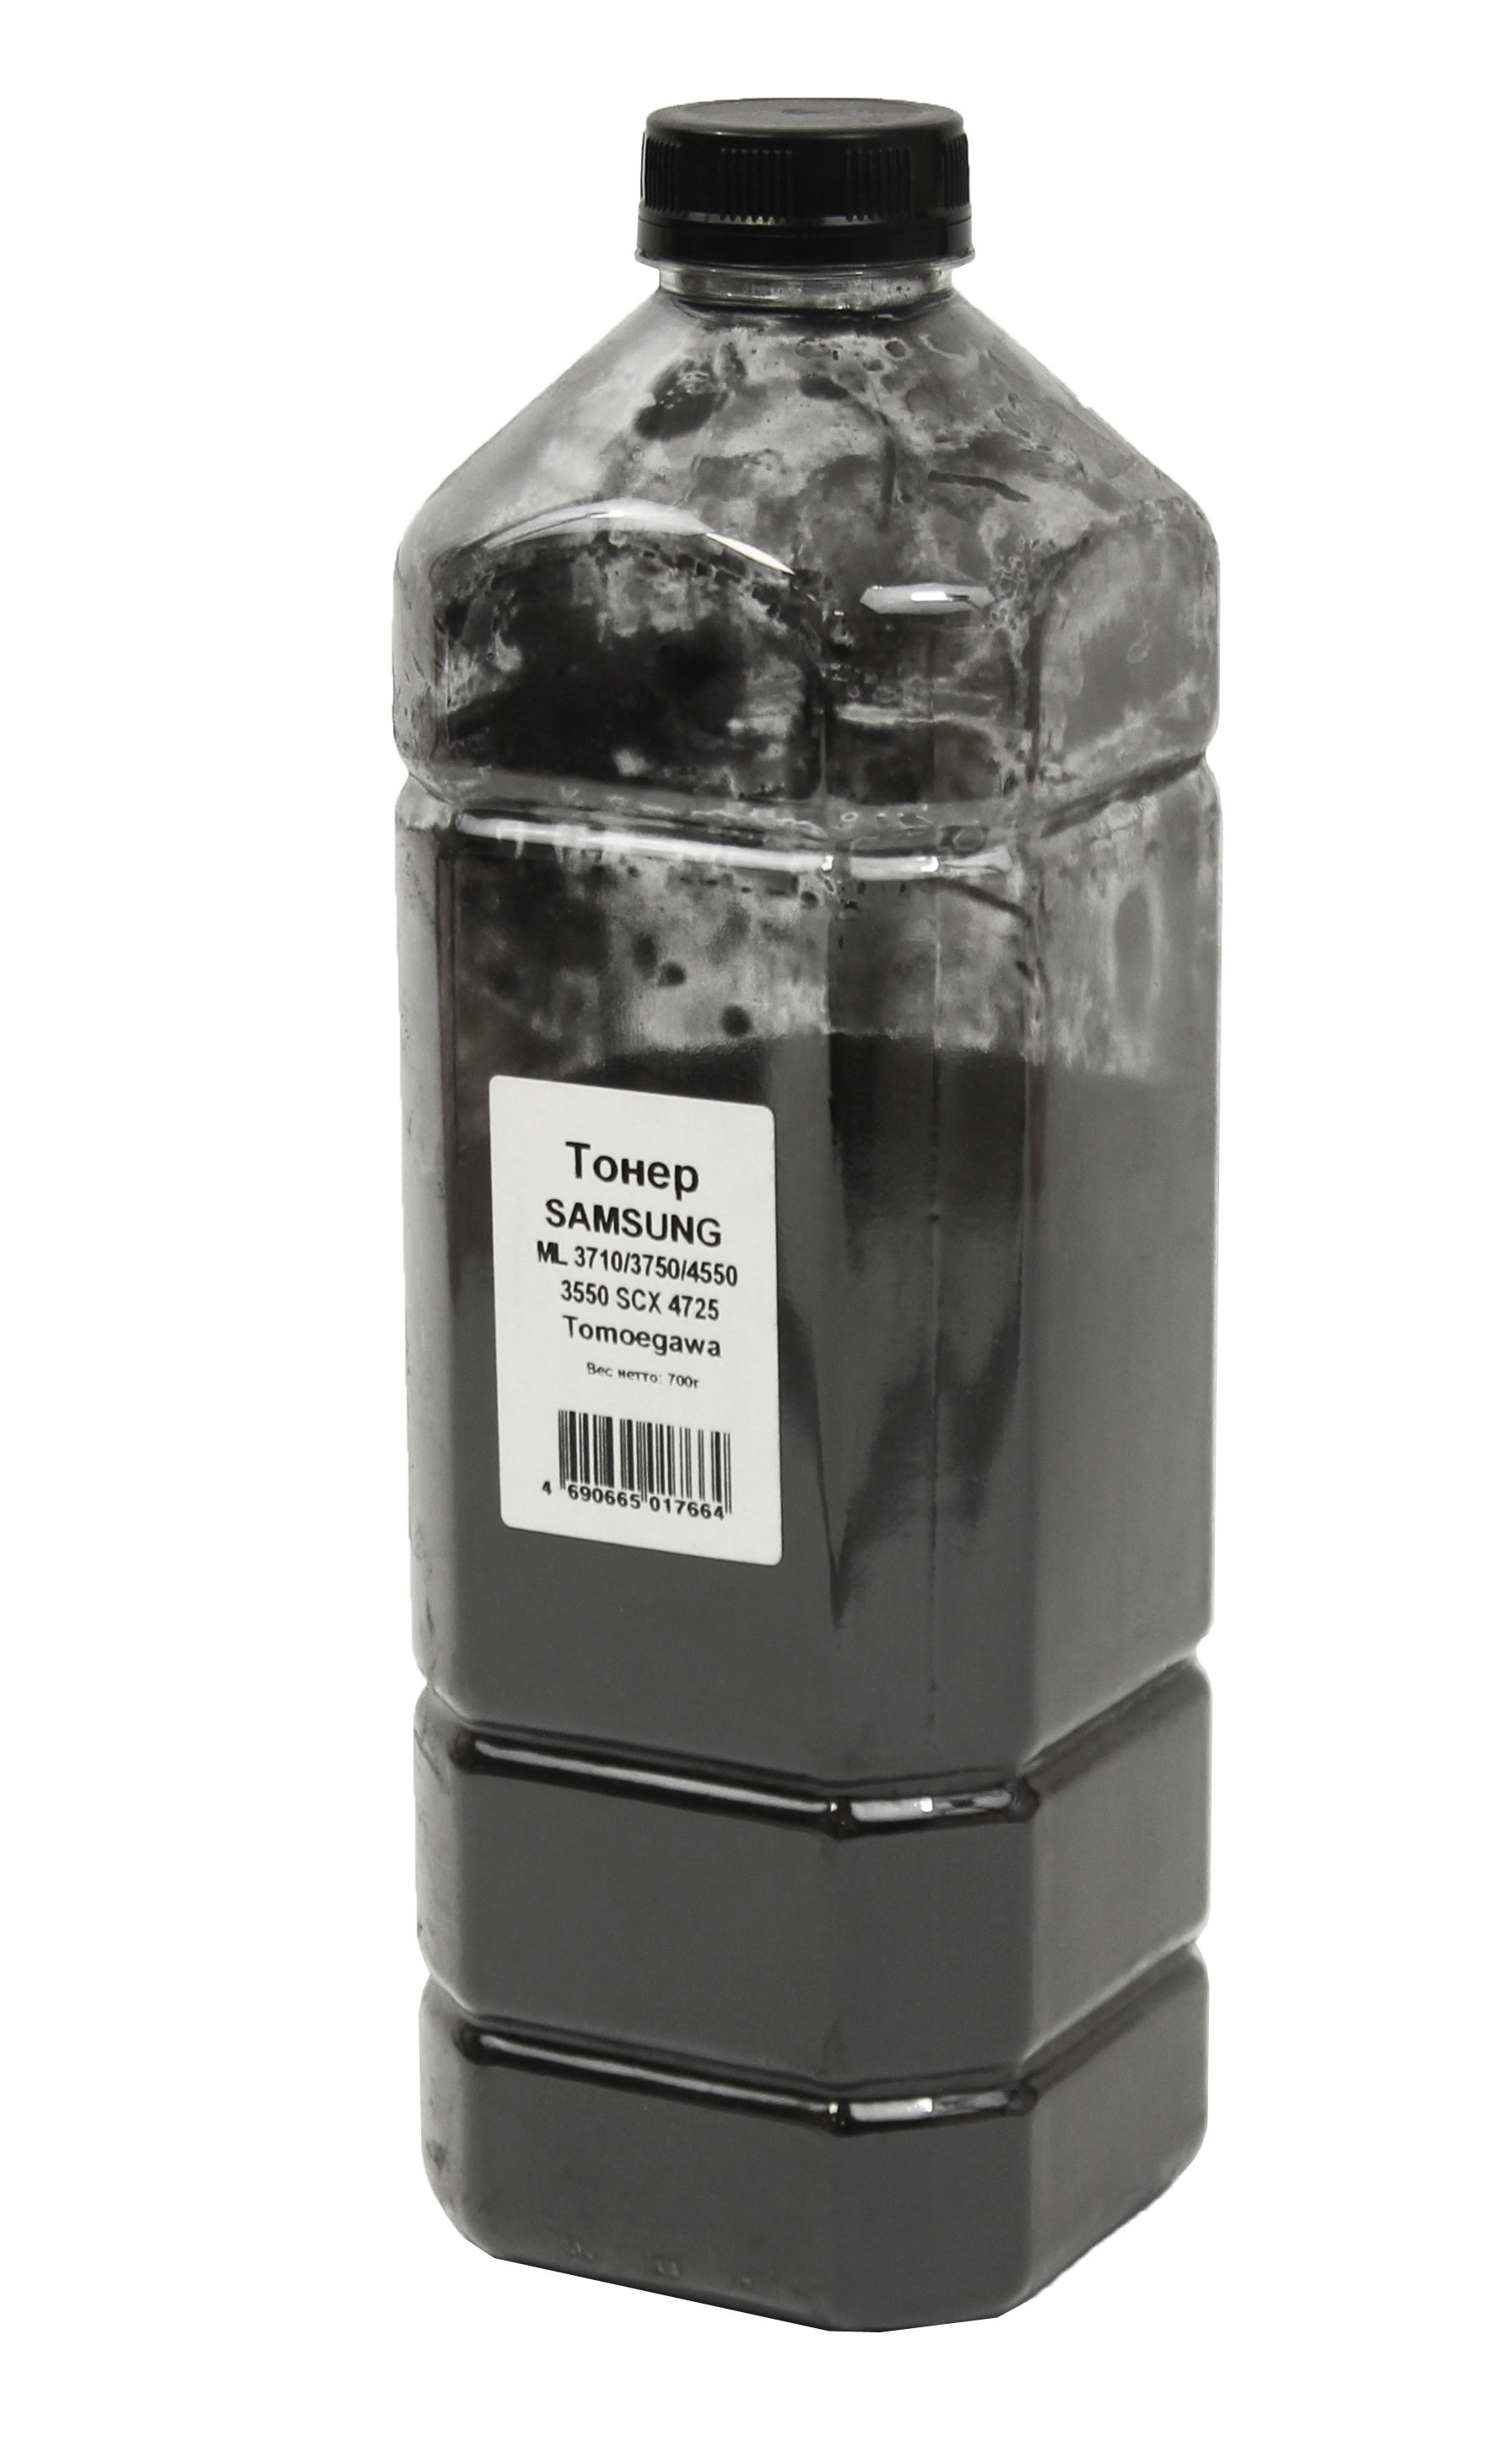 Тонер Tomoegawa для Samsung ML-3710/3750/4550/3550/SCX-4725, Bk, 700 г, канистра